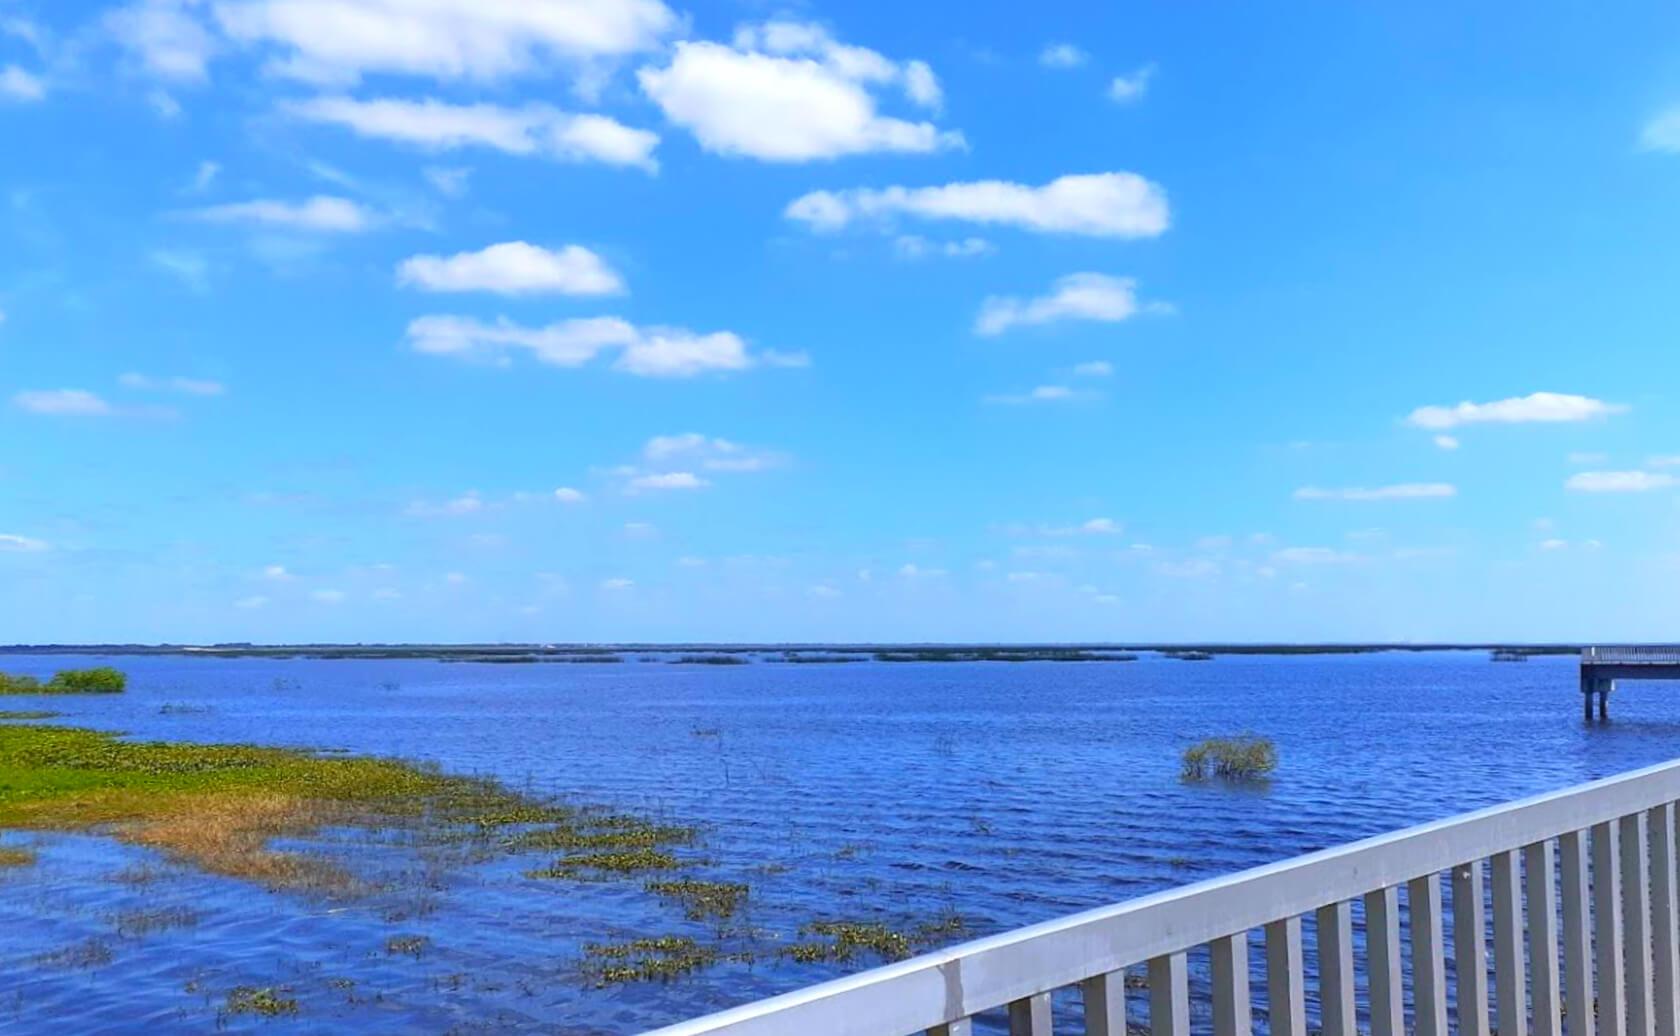 Okeechobee-Lake-Fishing-Guide-Report-Florida-04